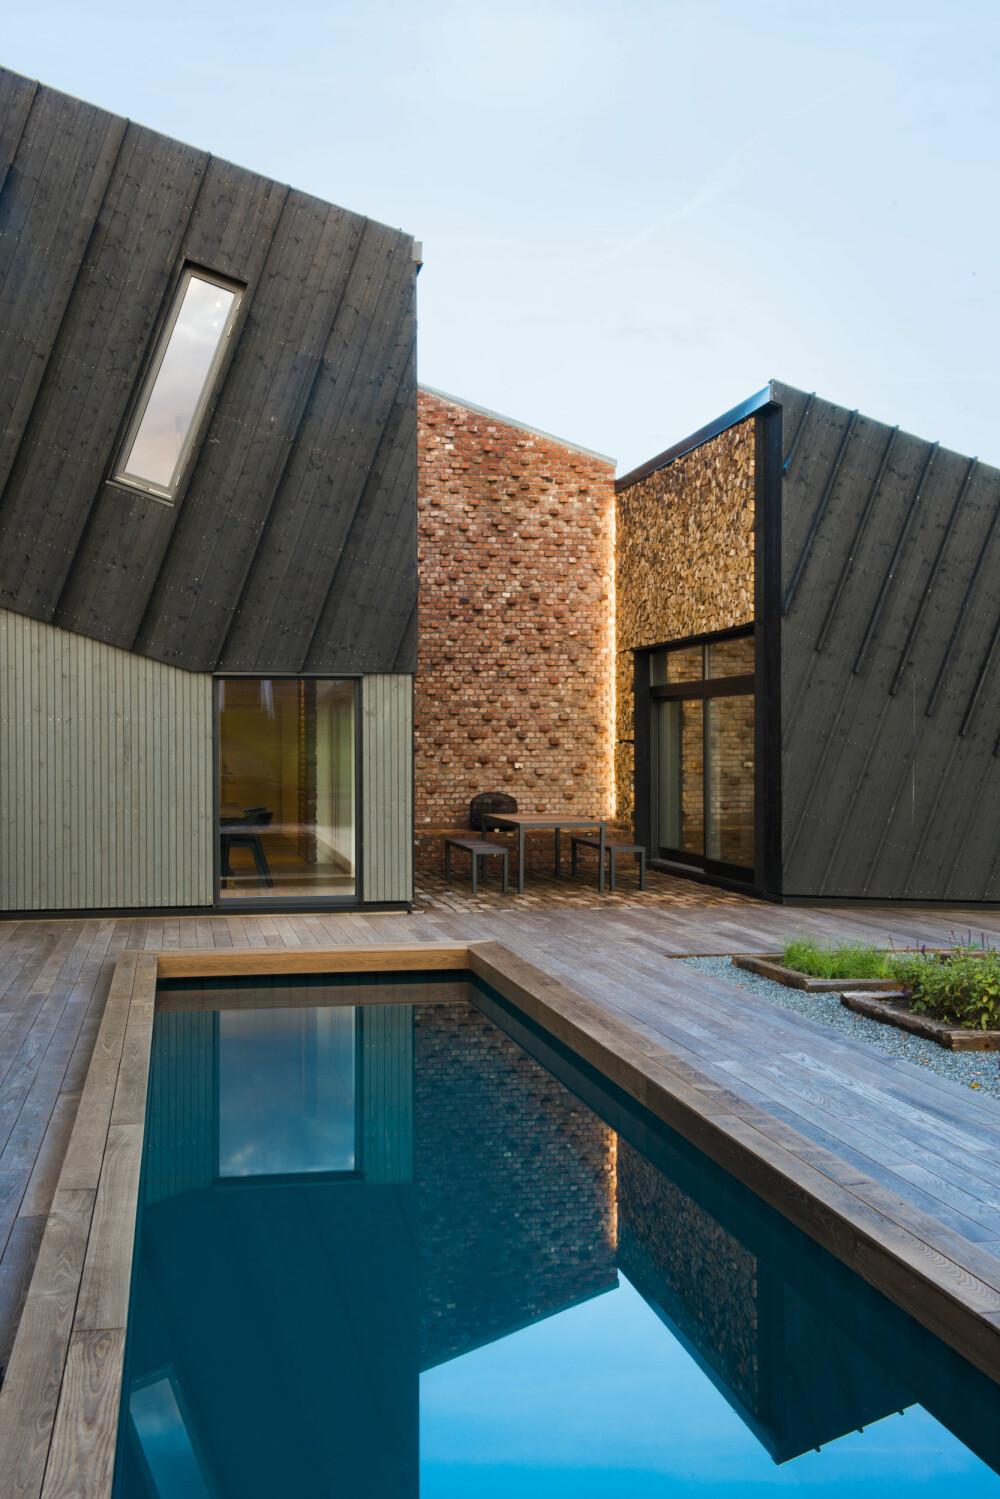 SOLENERGI: Retning og vinkel på taket er lagt for å få mest mulig utbytte av dagslyset, og gi maksimal solenergi. Badebassenget varmes med overskuddsvarme fra solvarmeanlegget.